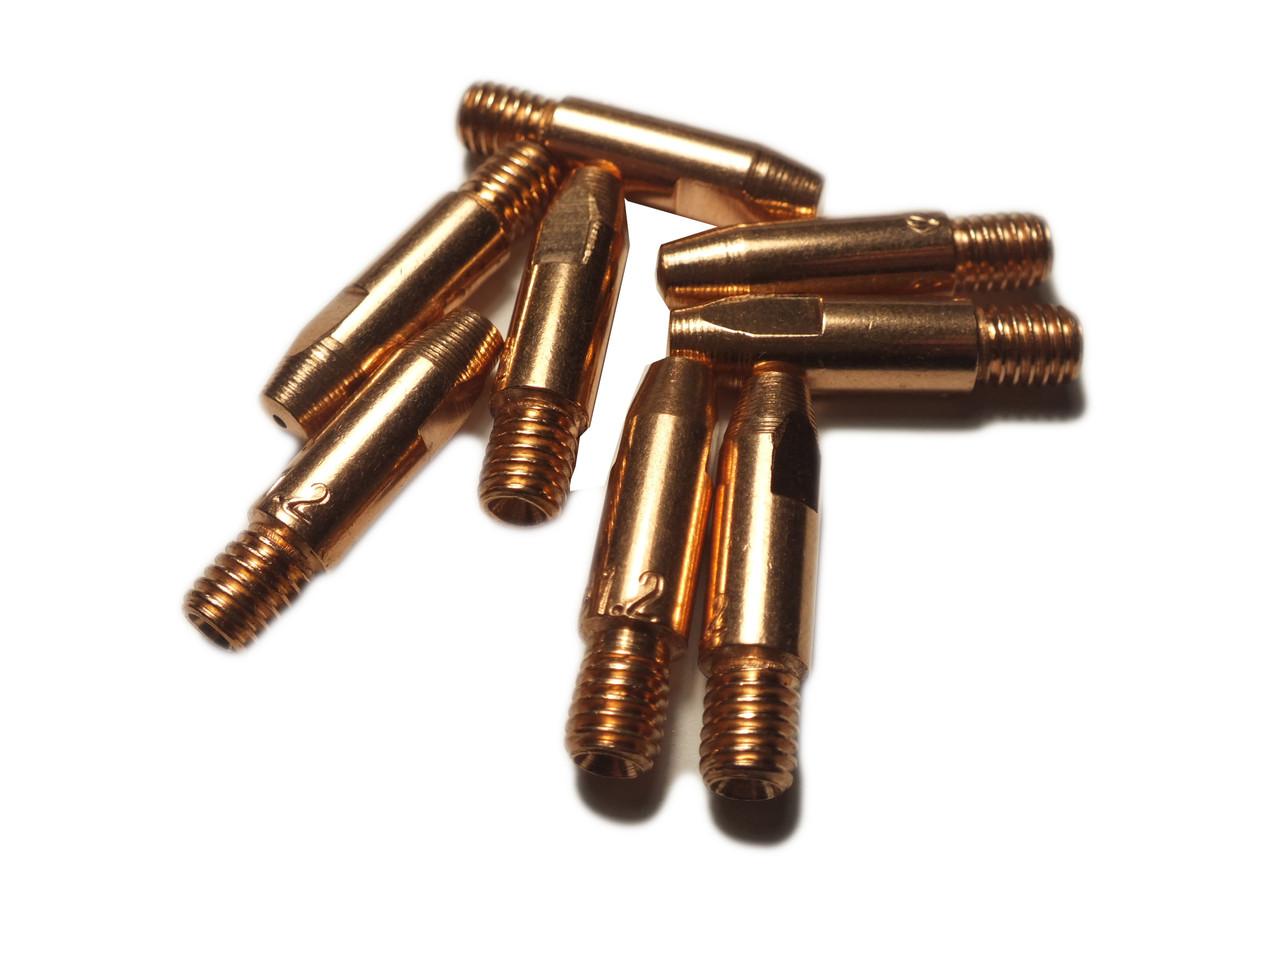 Токосъемный наконечник усиленный для сварочных полуавтоматов E-Cu ф1.2/М6/28